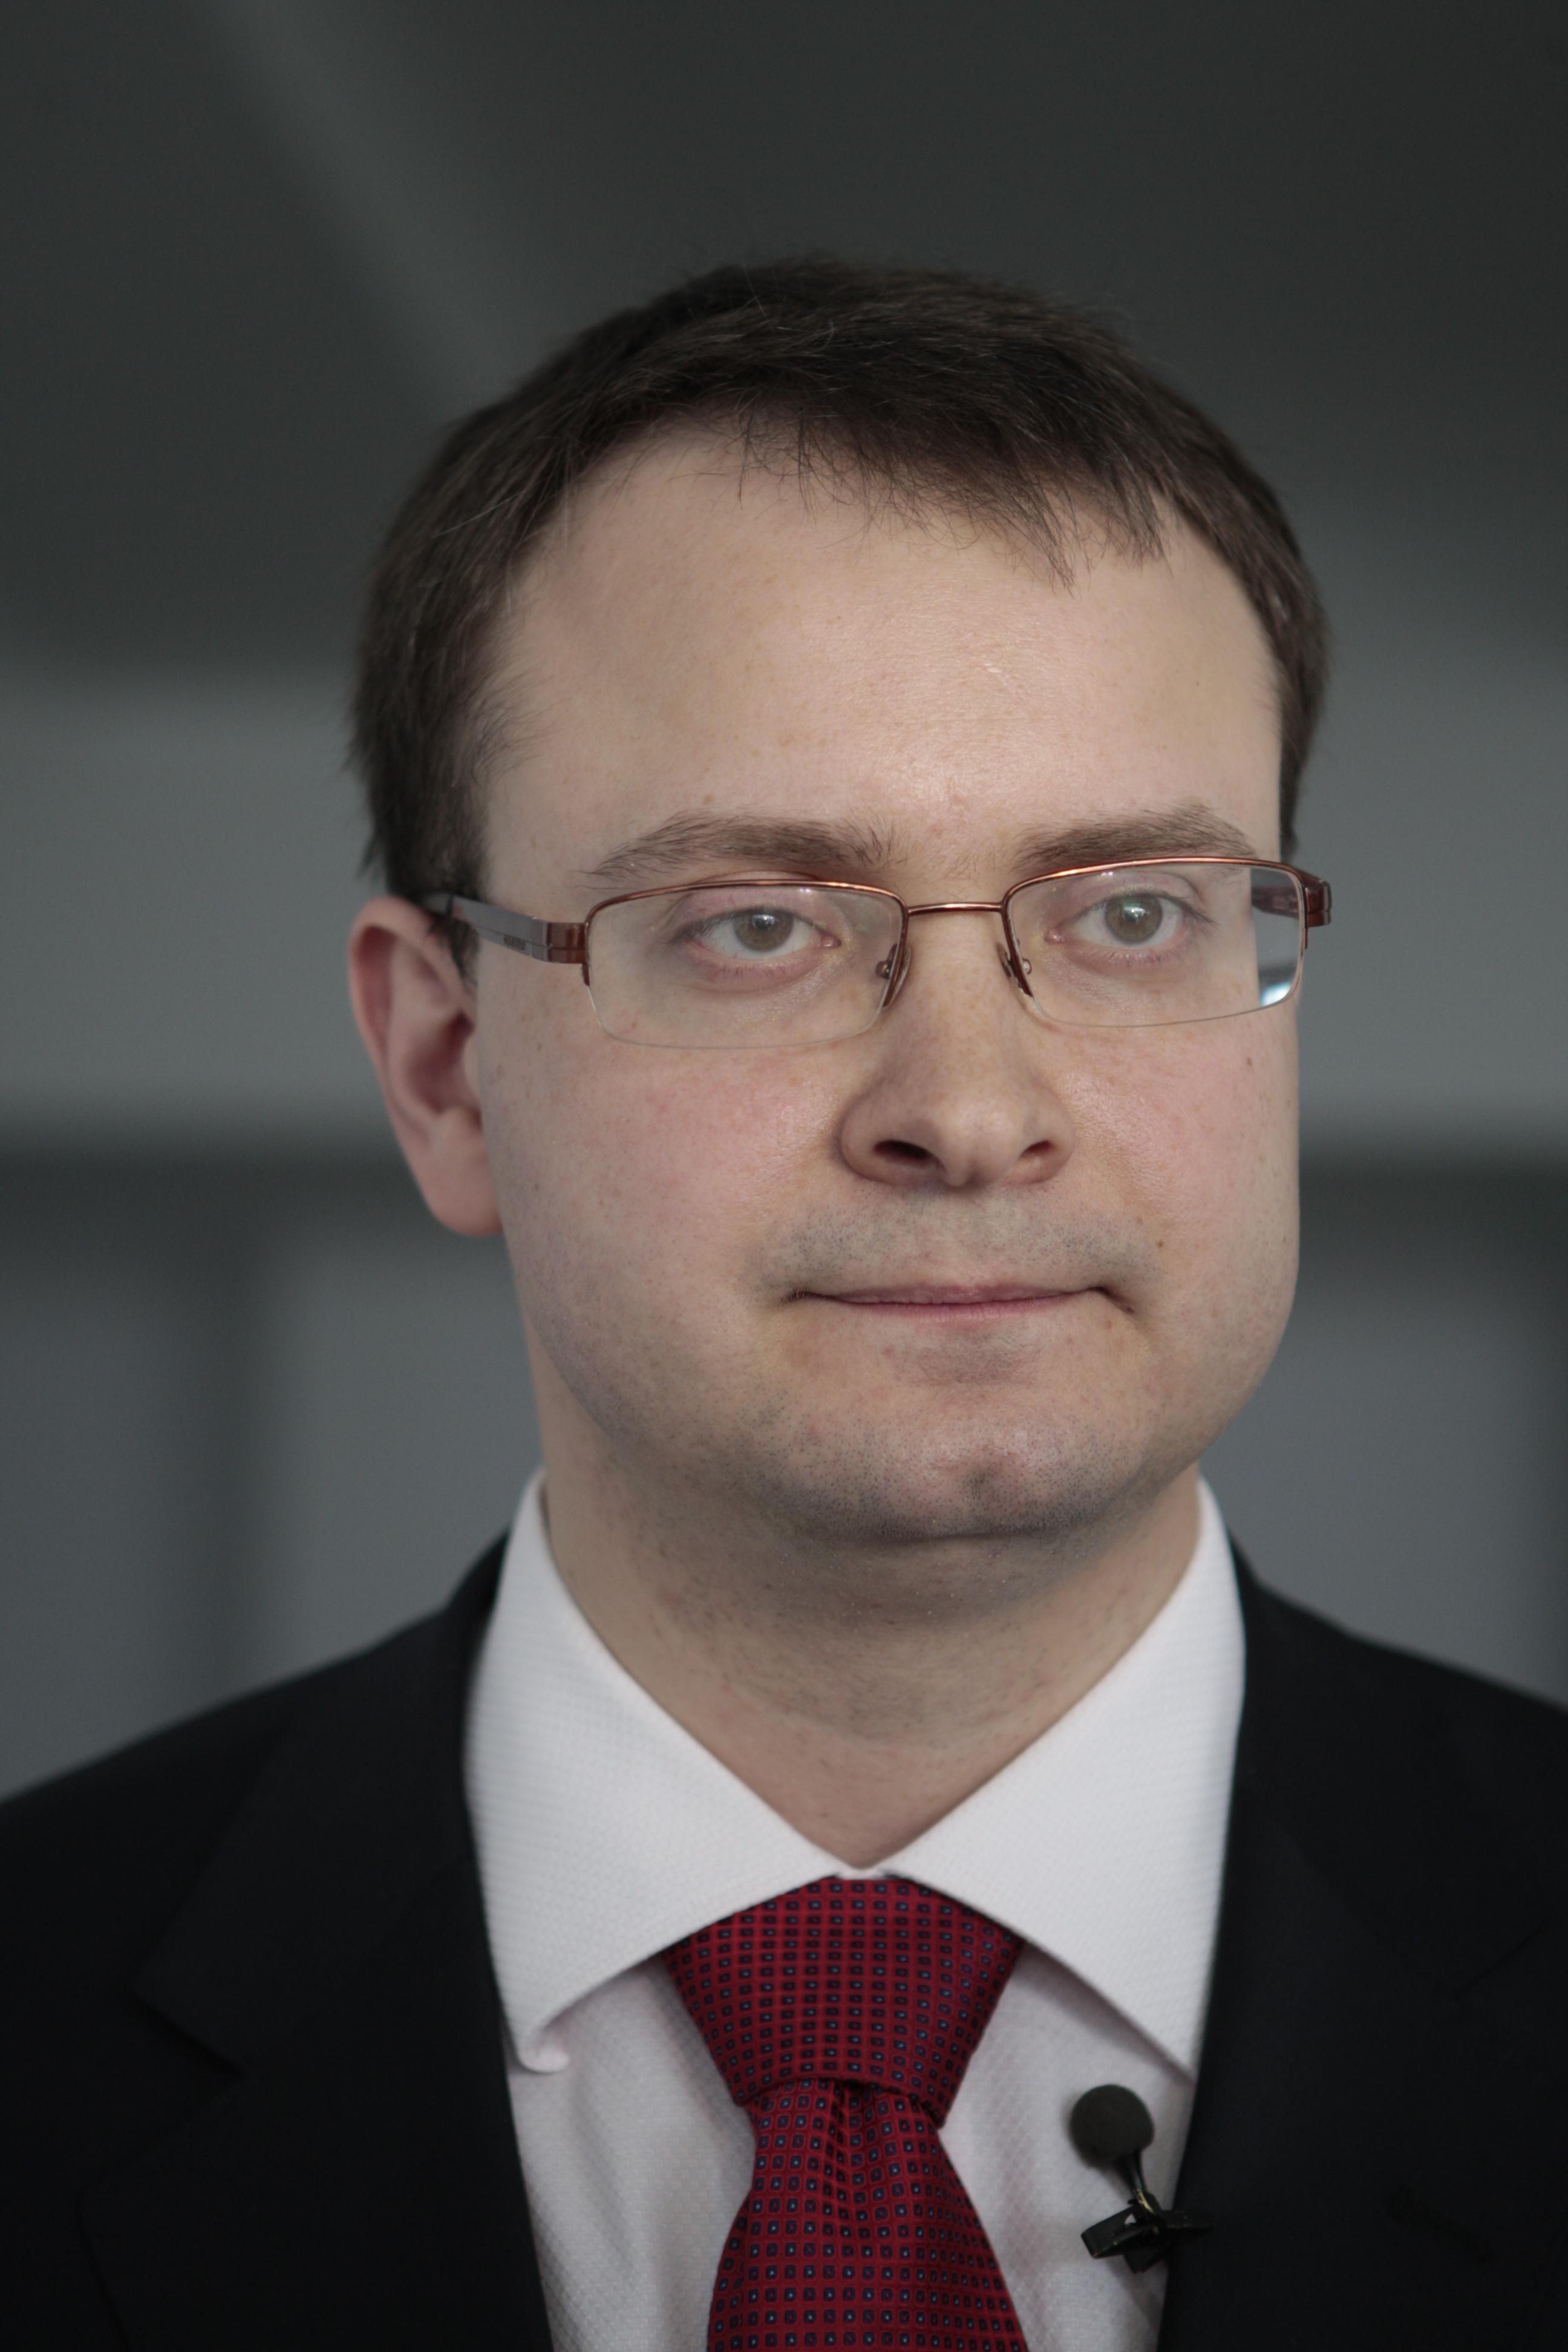 Уголовное дело против Алеся Михалевича не прекратят, пока он не вернется?